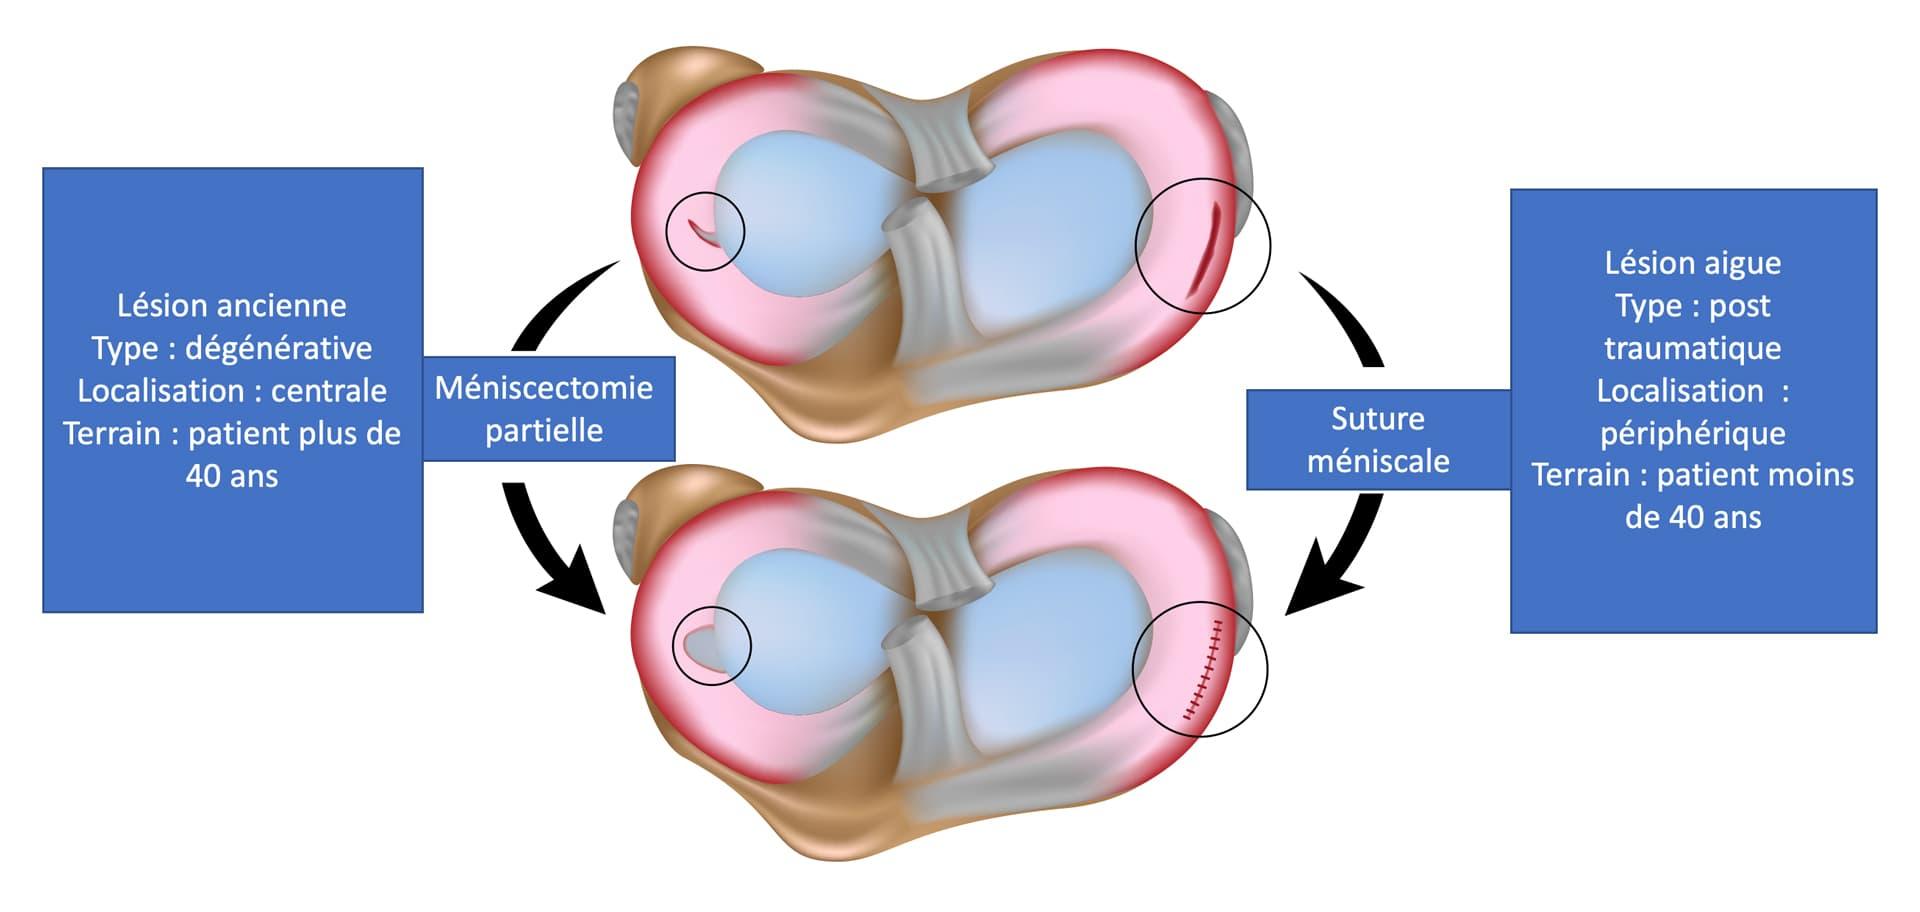 Schema expliquant les lésions méniscales suturables et non suturables